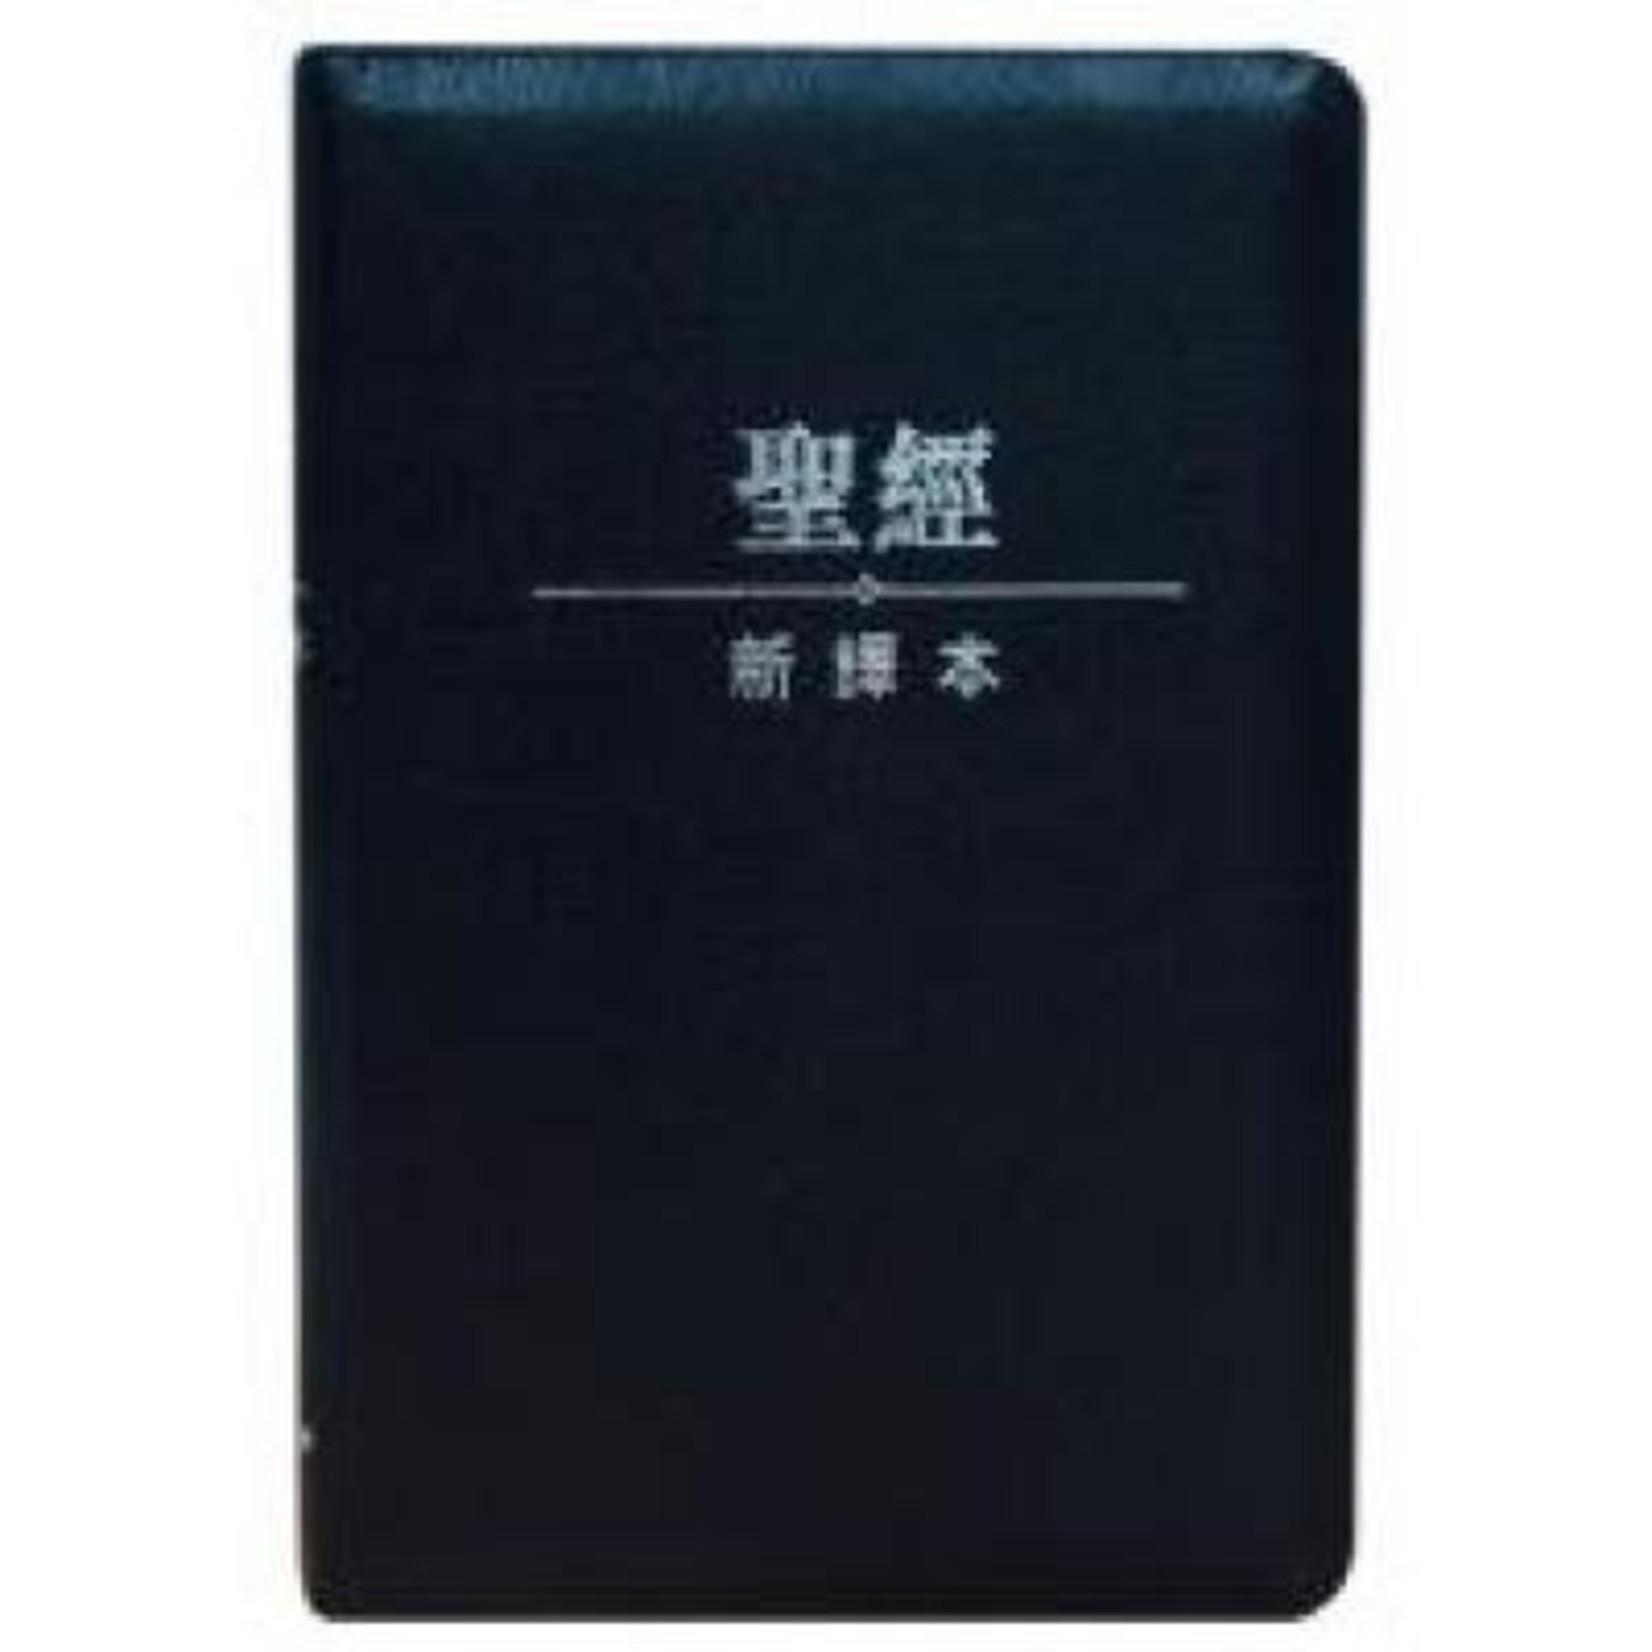 環球聖經公會 The Worldwide Bible Society 聖經新譯本.輕便裝.藍色真皮銀邊拉鏈.繁體 CNV Compact Size, Trad. , Navy Blue Leather Zipper, Silver Edge